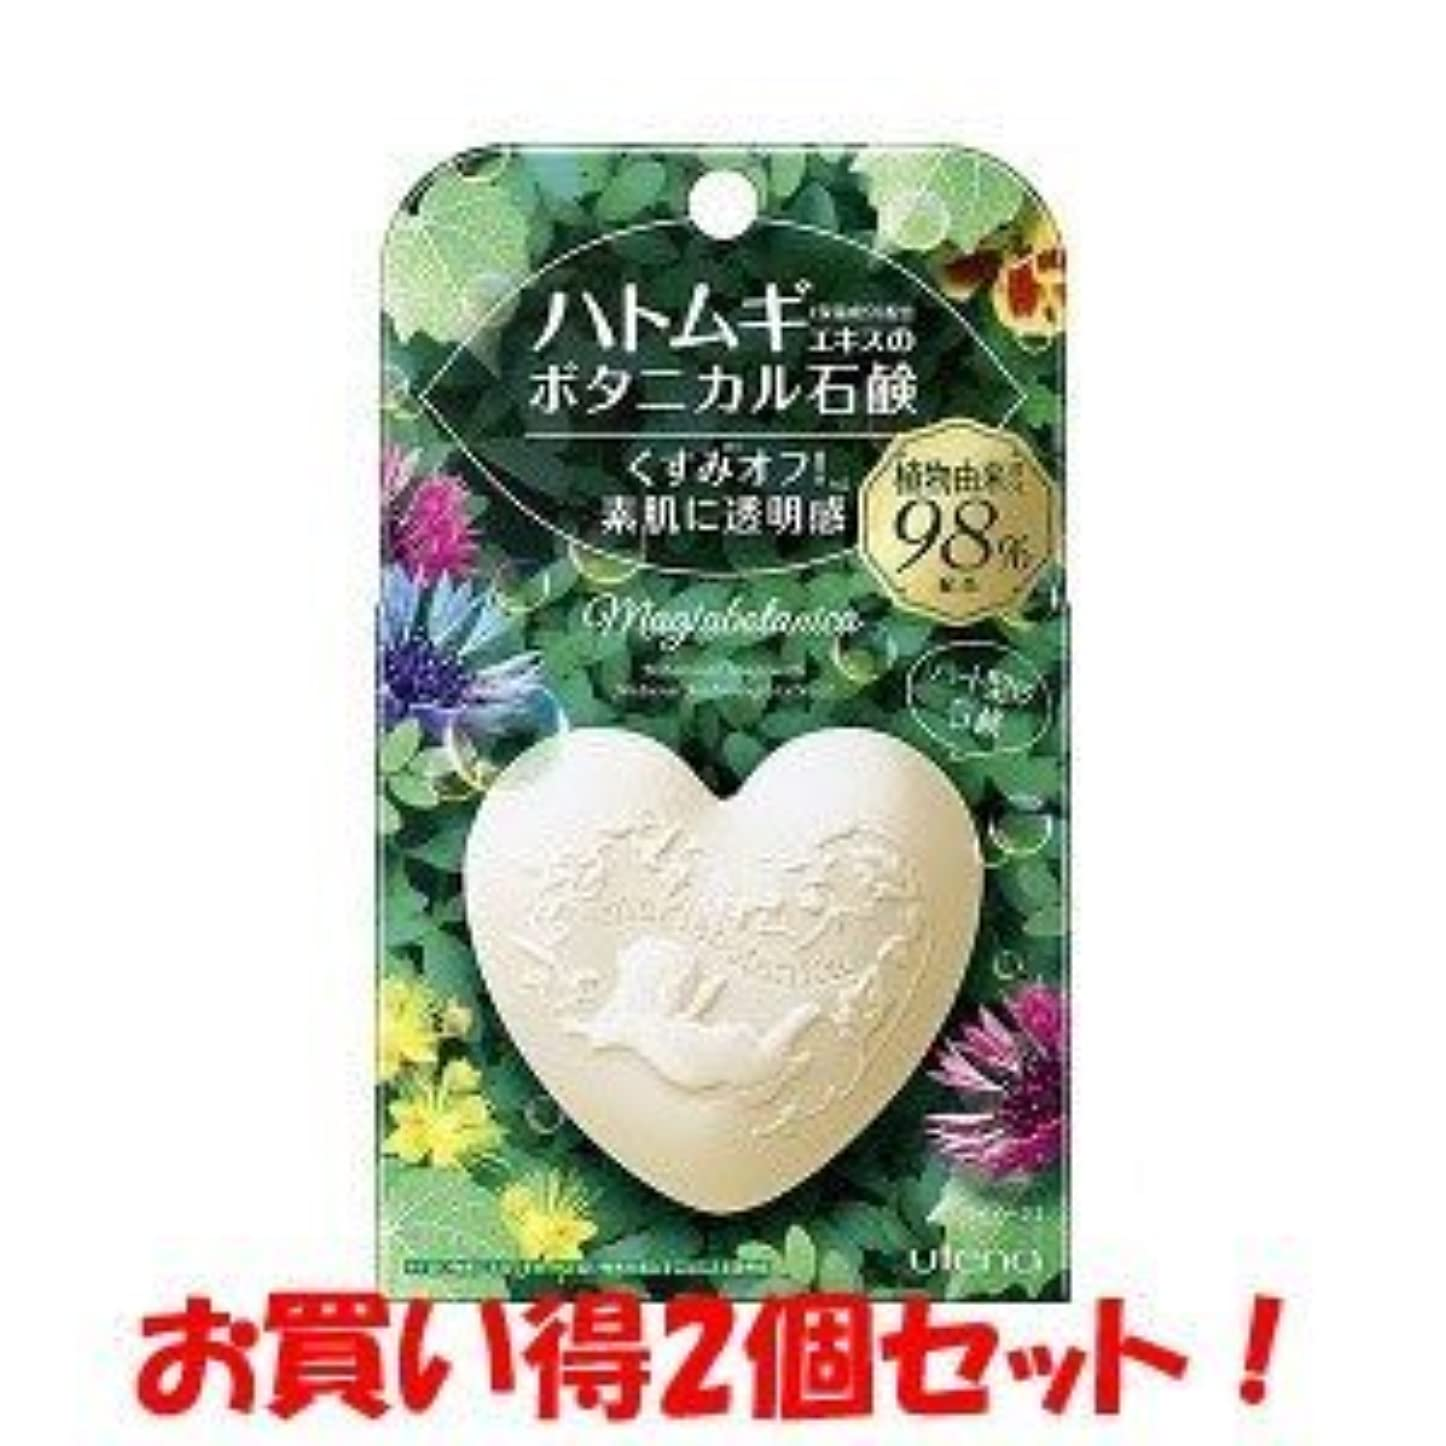 (ウテナ)マジアボタニカ ボタニカル石鹸 100g(お買い得2個セット)